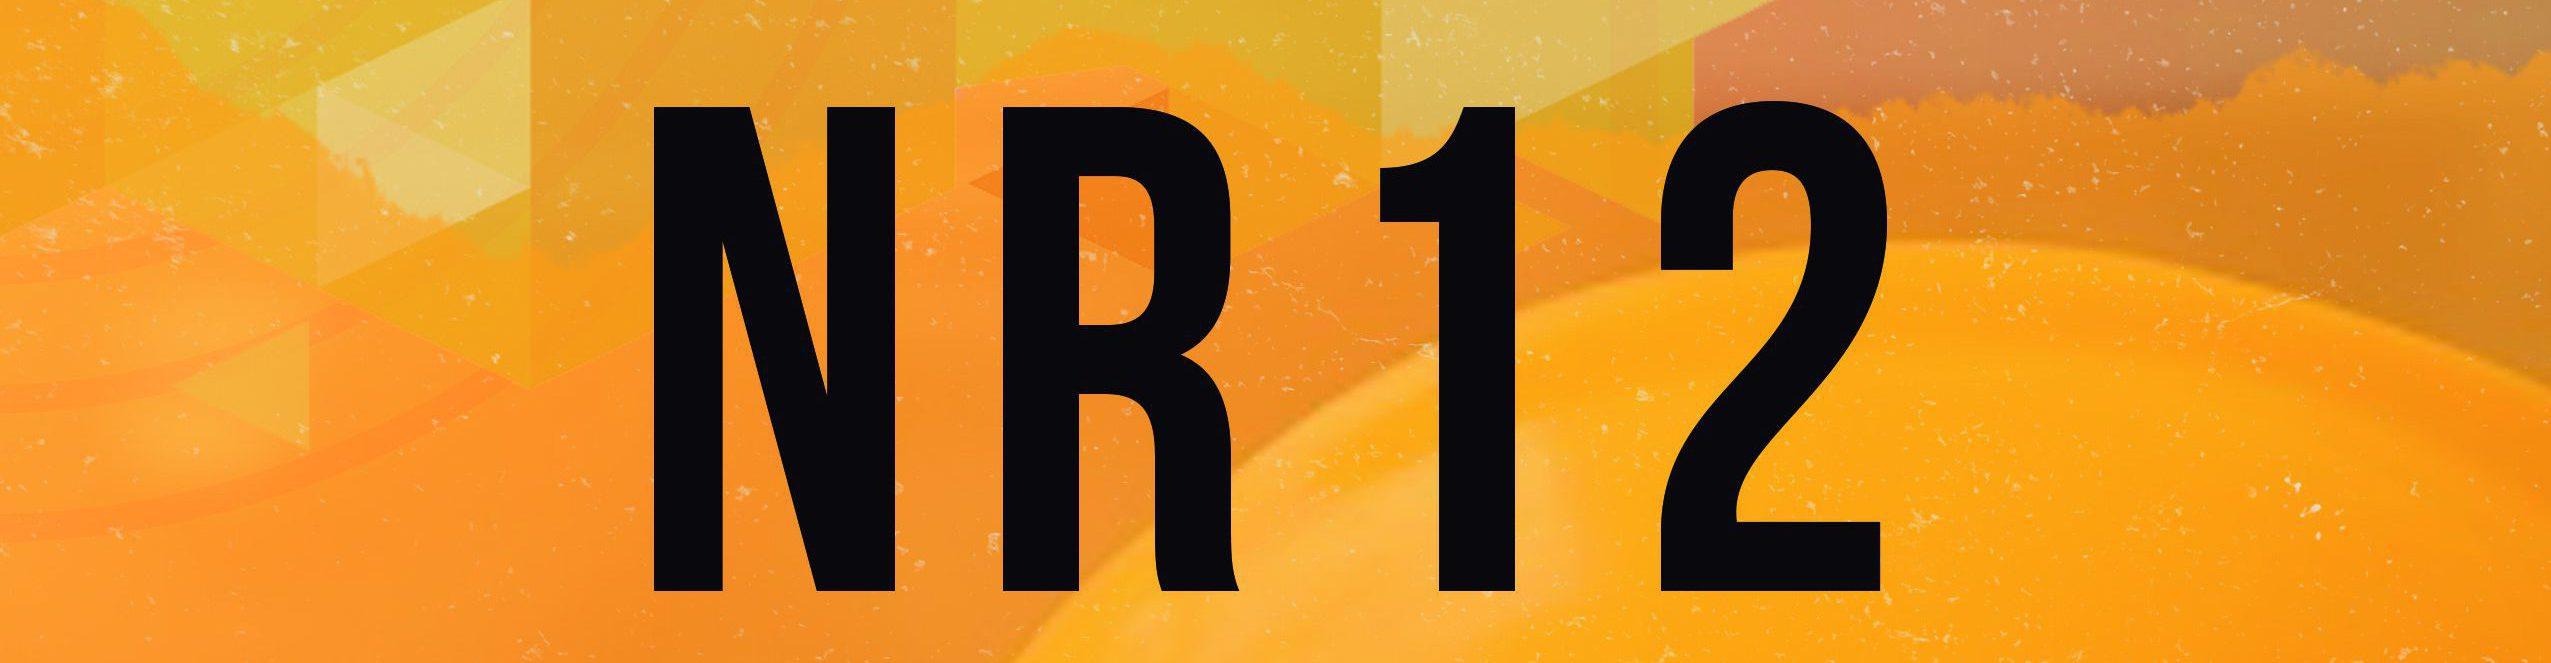 NR-12 – A norma que trata da segurança no manuseio de máquinas e equipamentos